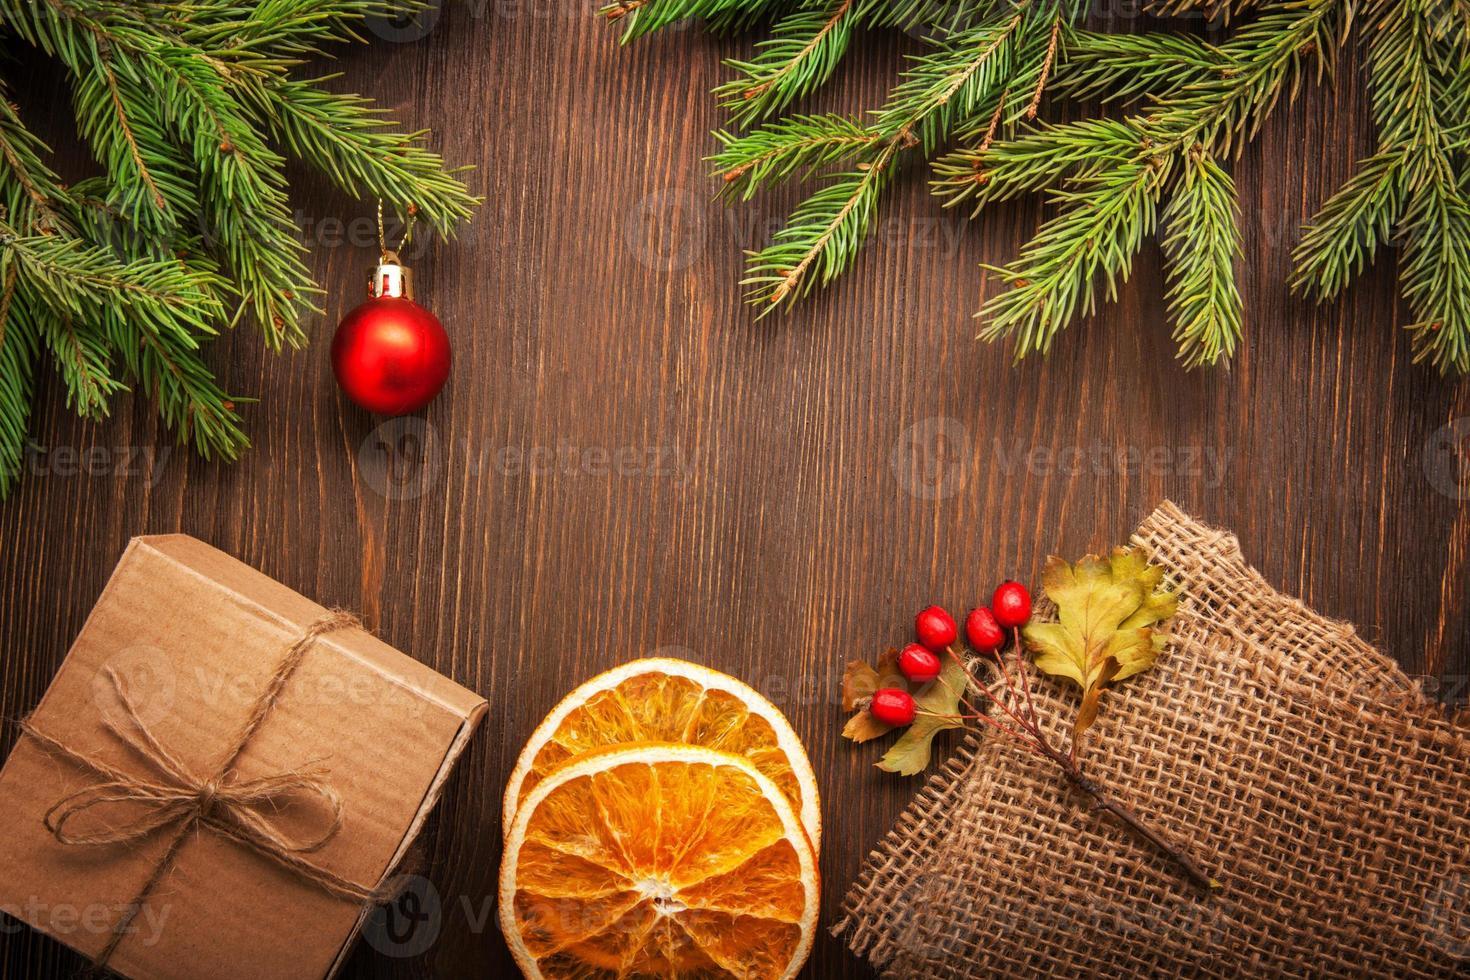 arbre de Noël en pain d'épice et cadeaux sur table photo